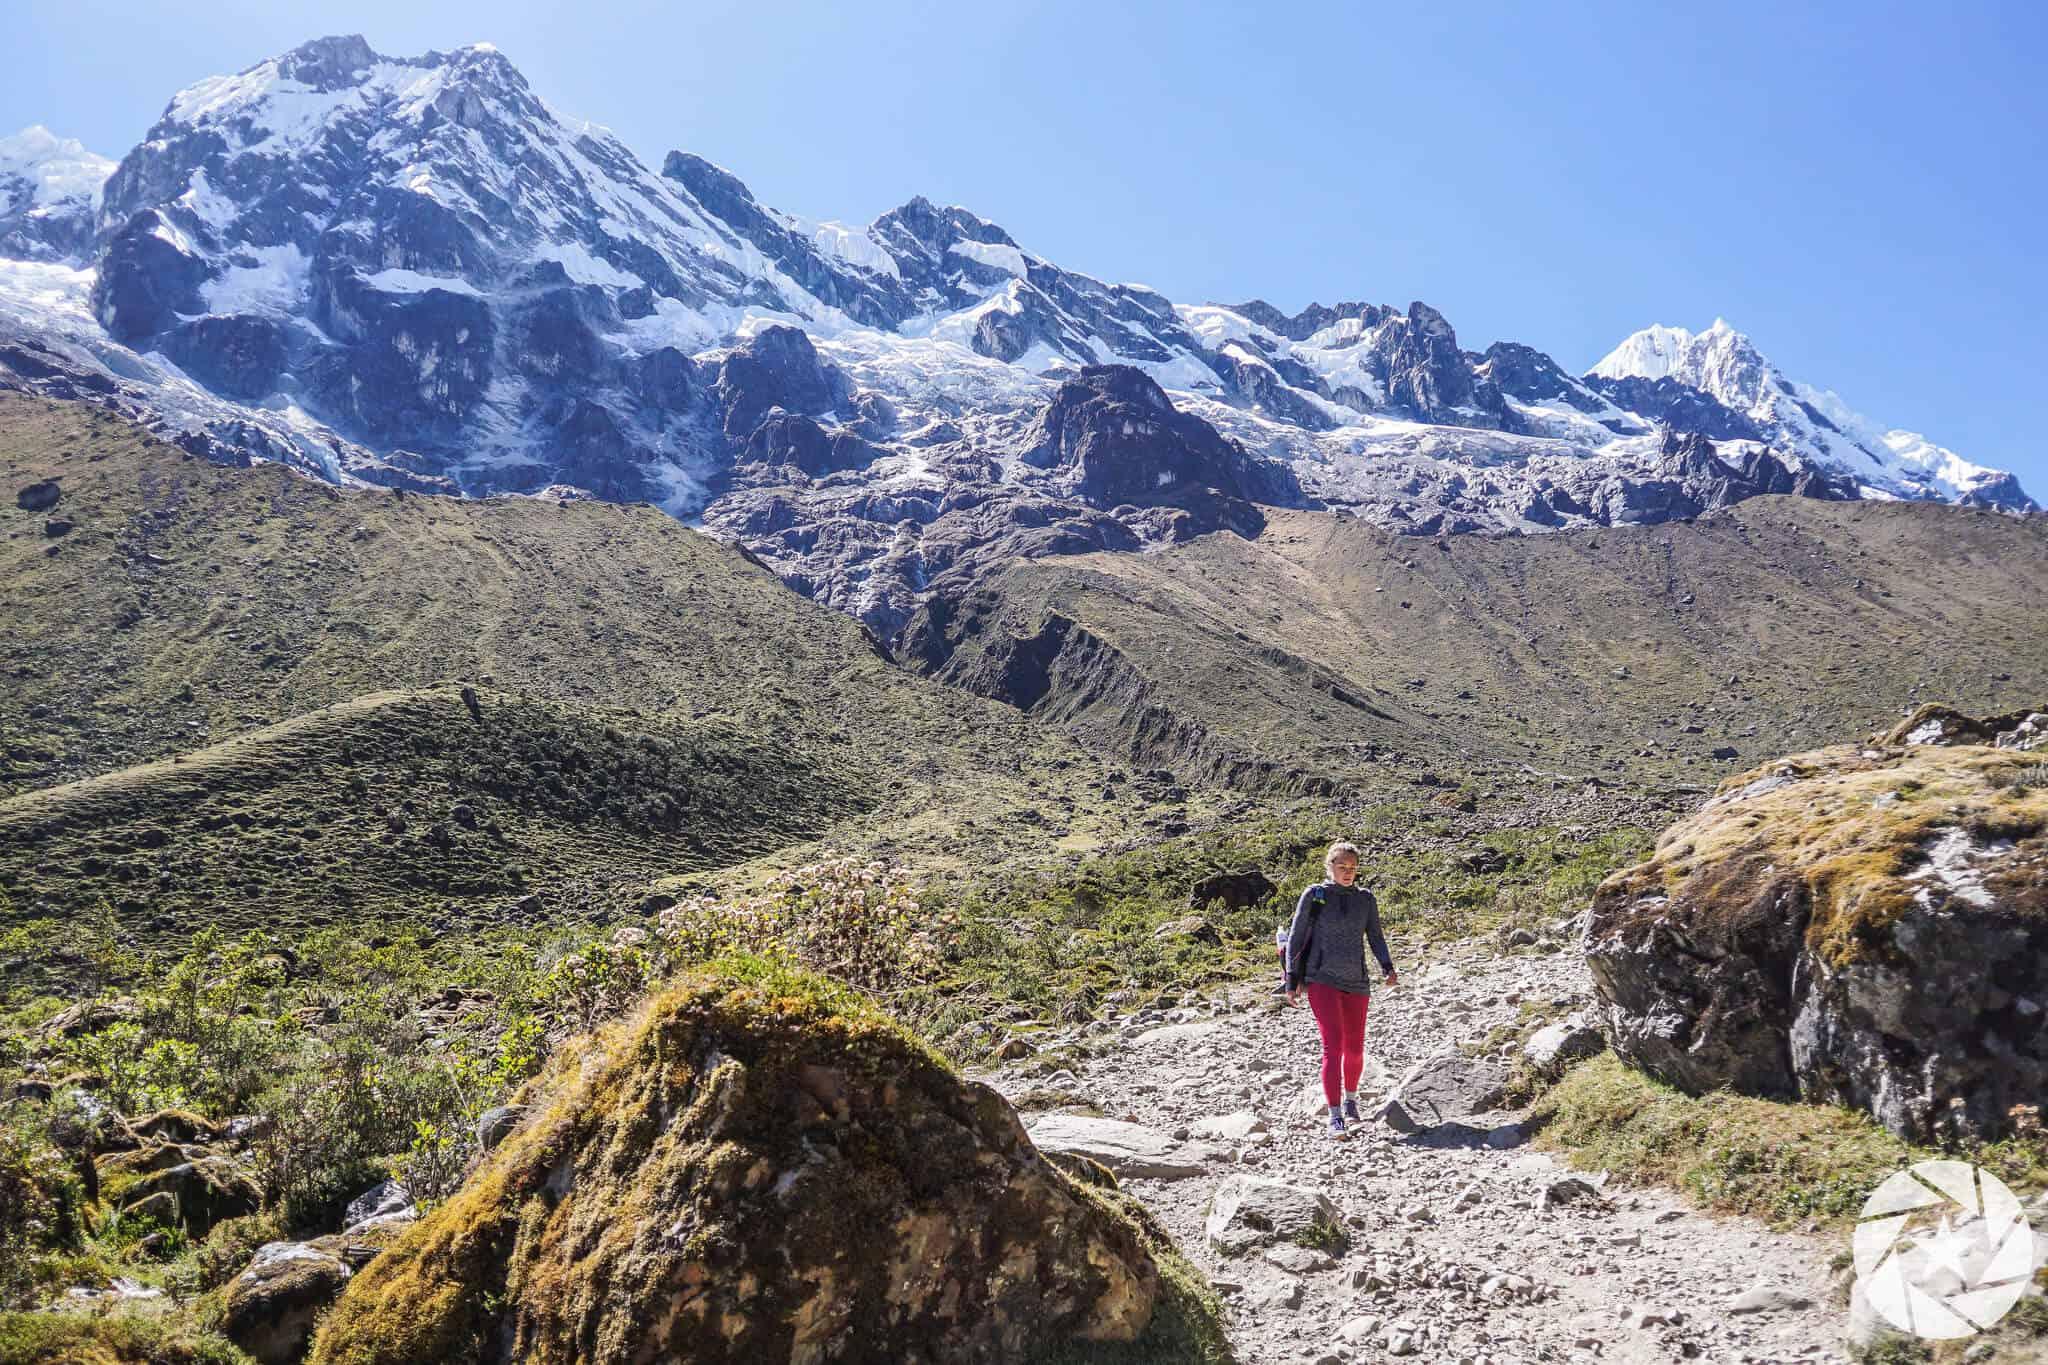 Salkantay hiker